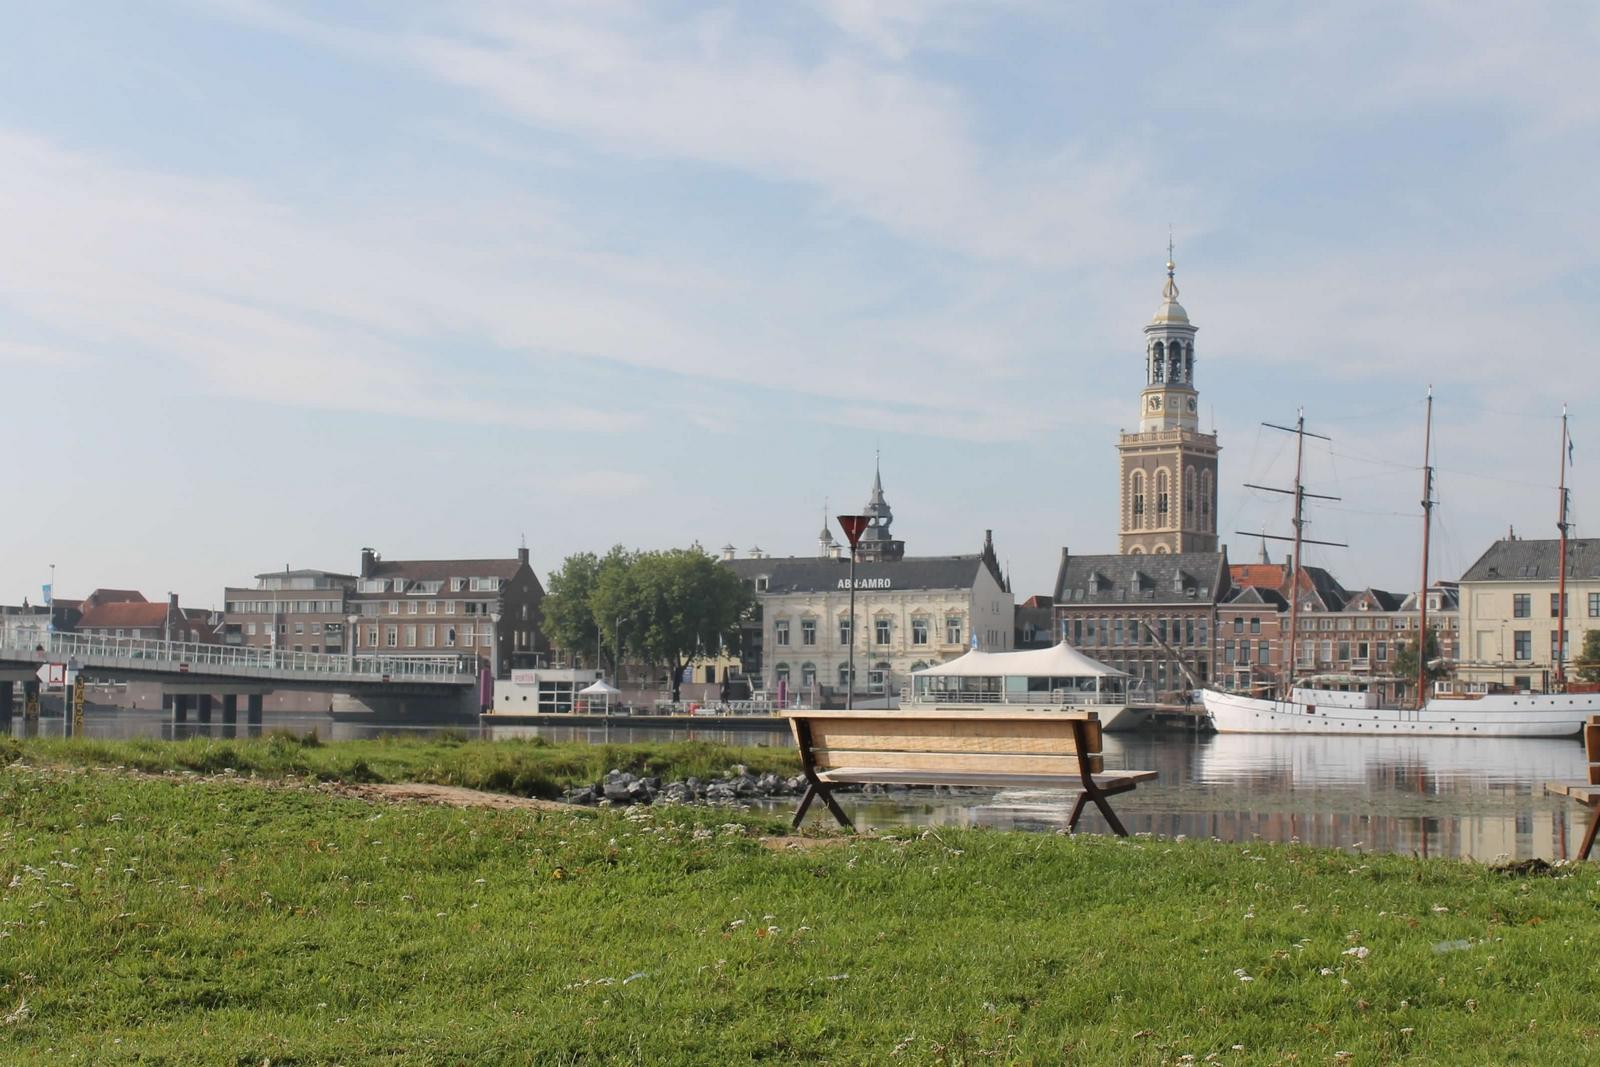 Kampen krijgt eindelijk een schoon, veilig en fraai stadsstrand